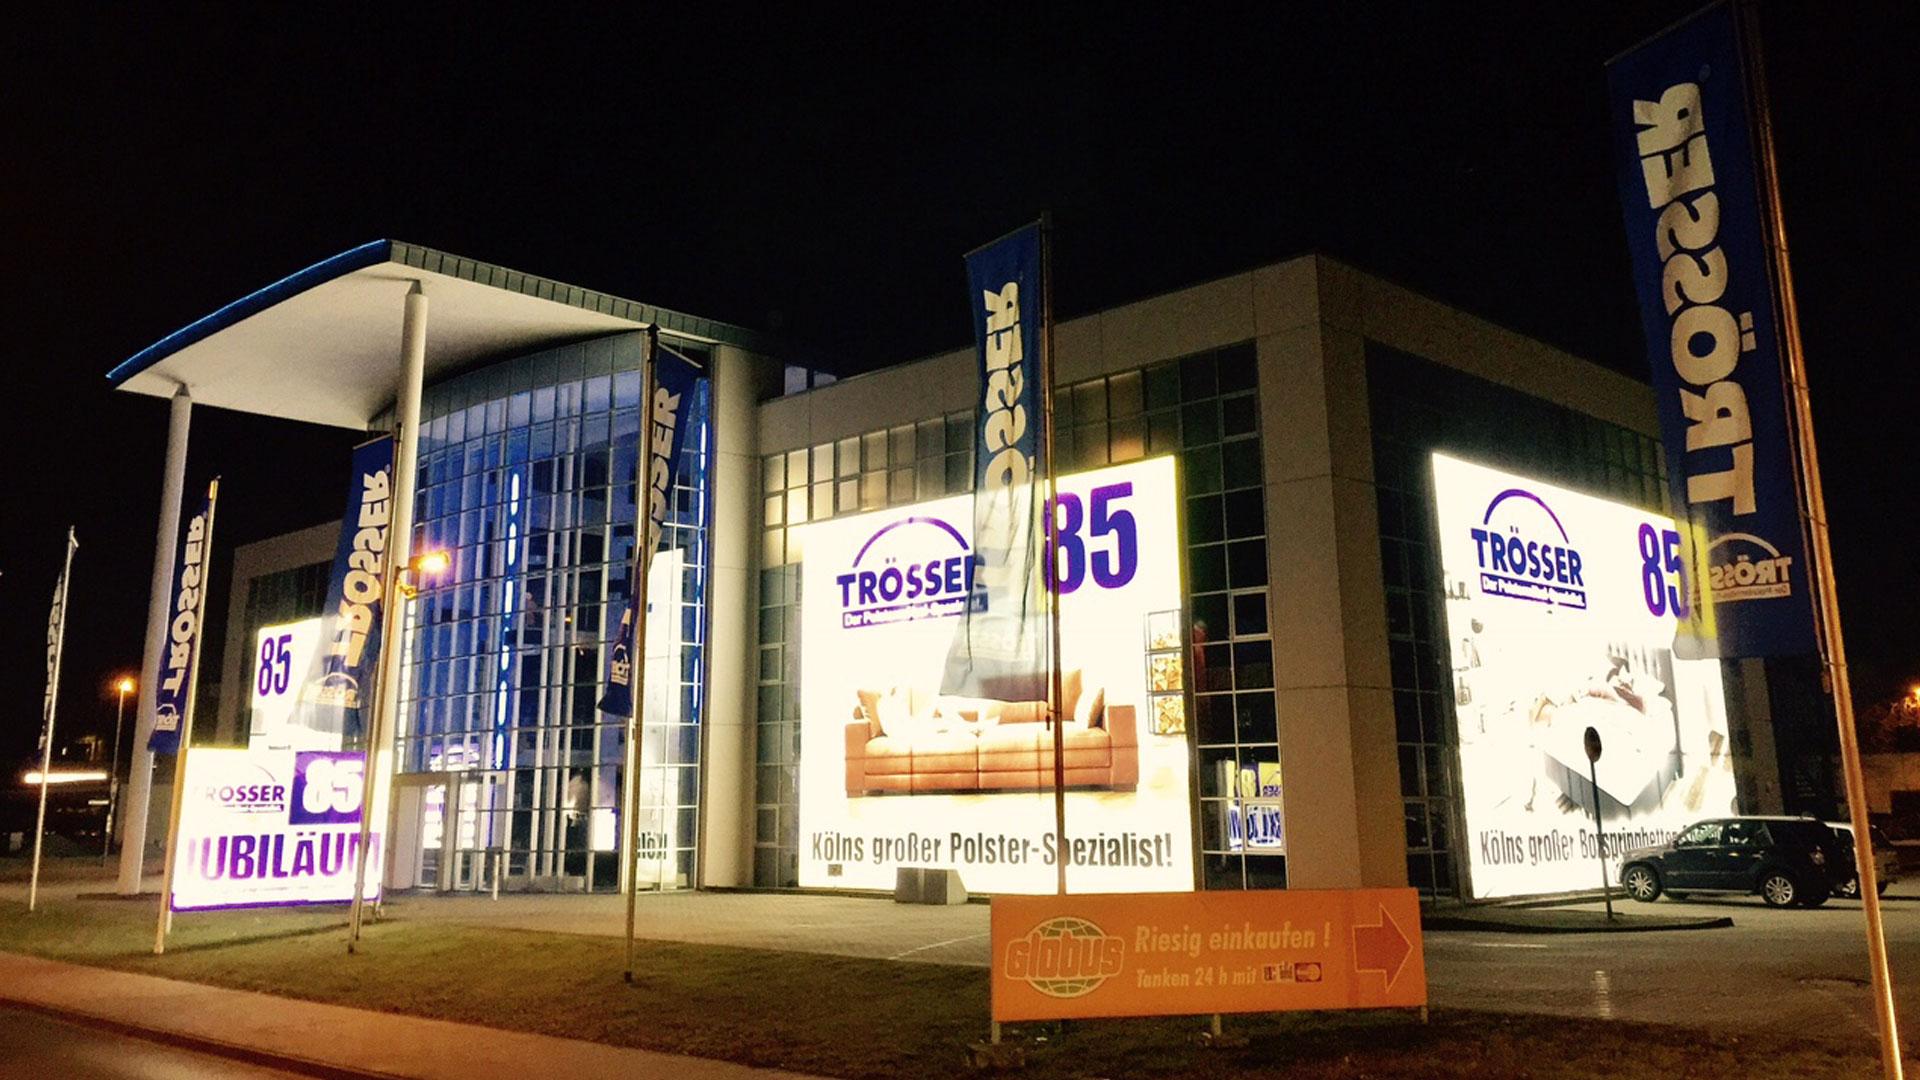 Möbelhaus Fassaden Werbung Starke Fassadenwerbung Pixlip Showcase